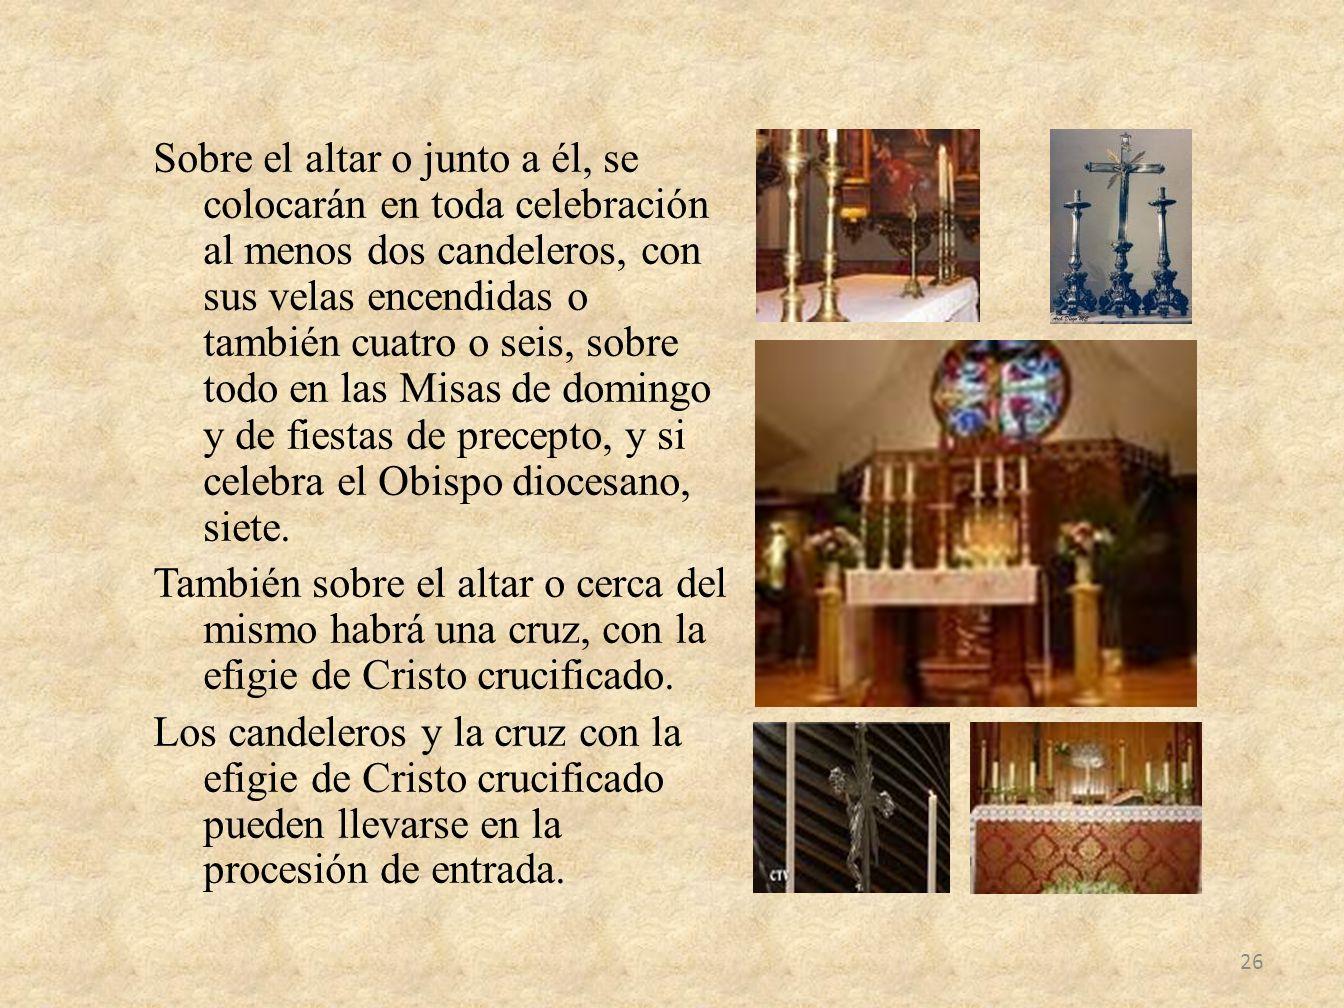 Sobre el altar o junto a él, se colocarán en toda celebración al menos dos candeleros, con sus velas encendidas o también cuatro o seis, sobre todo en las Misas de domingo y de fiestas de precepto, y si celebra el Obispo diocesano, siete.